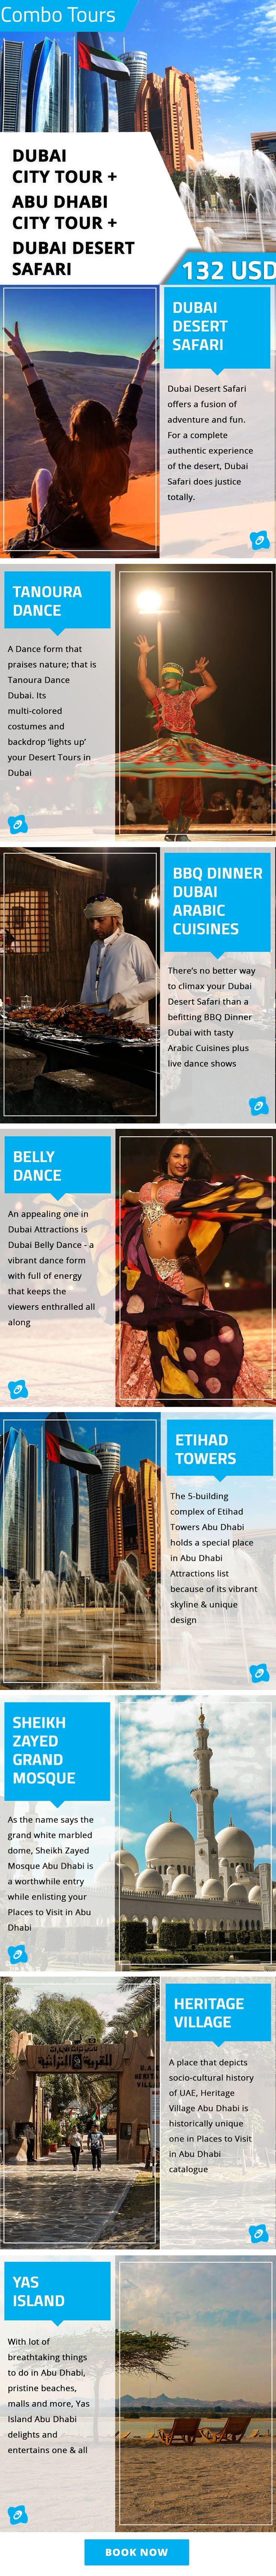 Combo Tours: Dubai City Tour + Abu Dhabi City Tour + Dubai Desert Safari